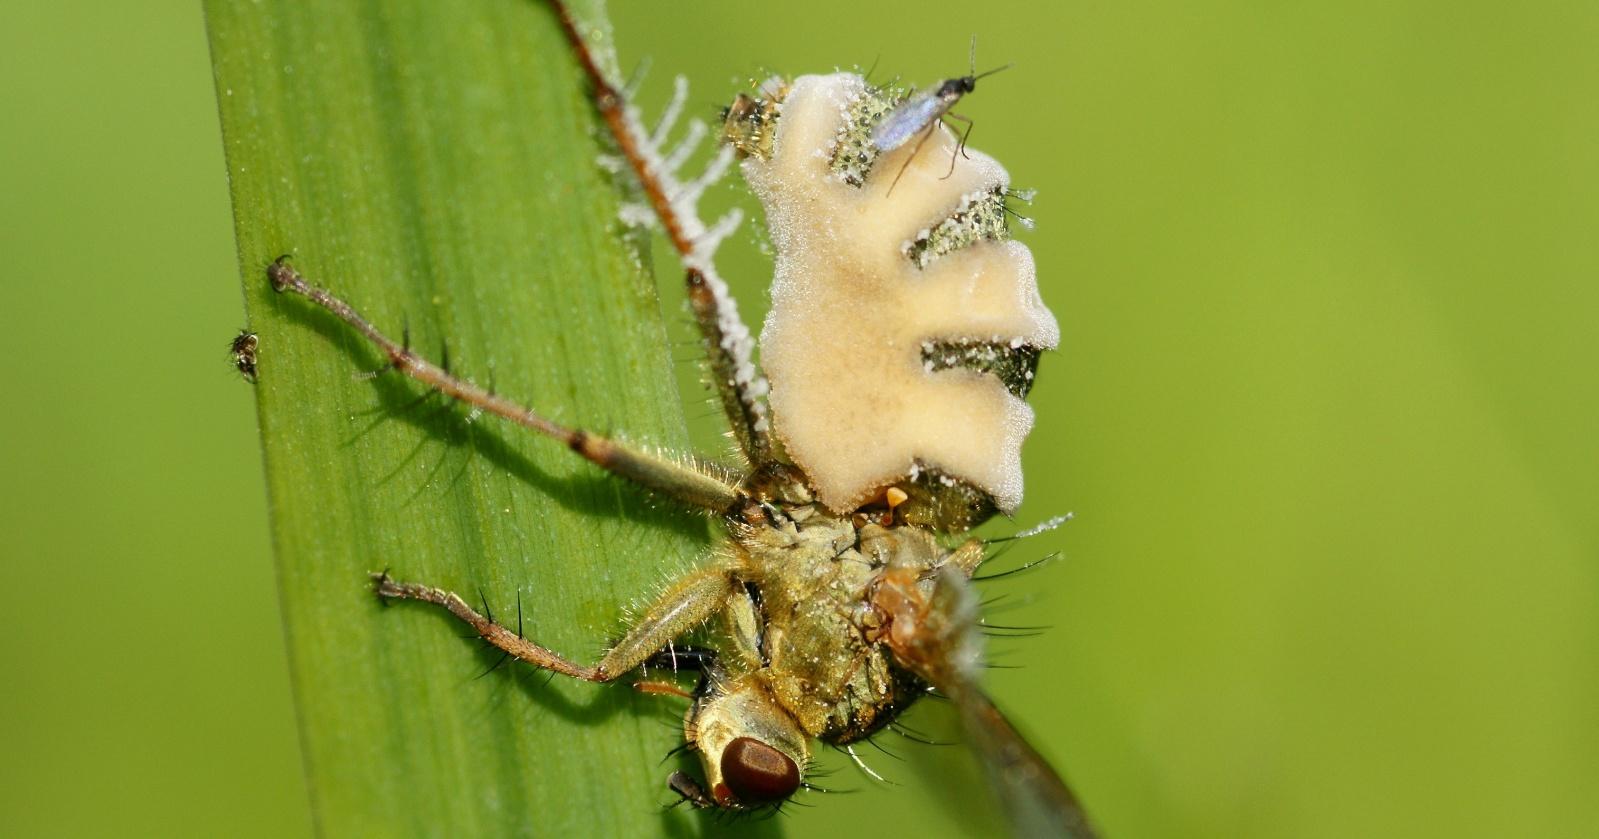 Открыт грибок, превращающий насекомых в «зомби»